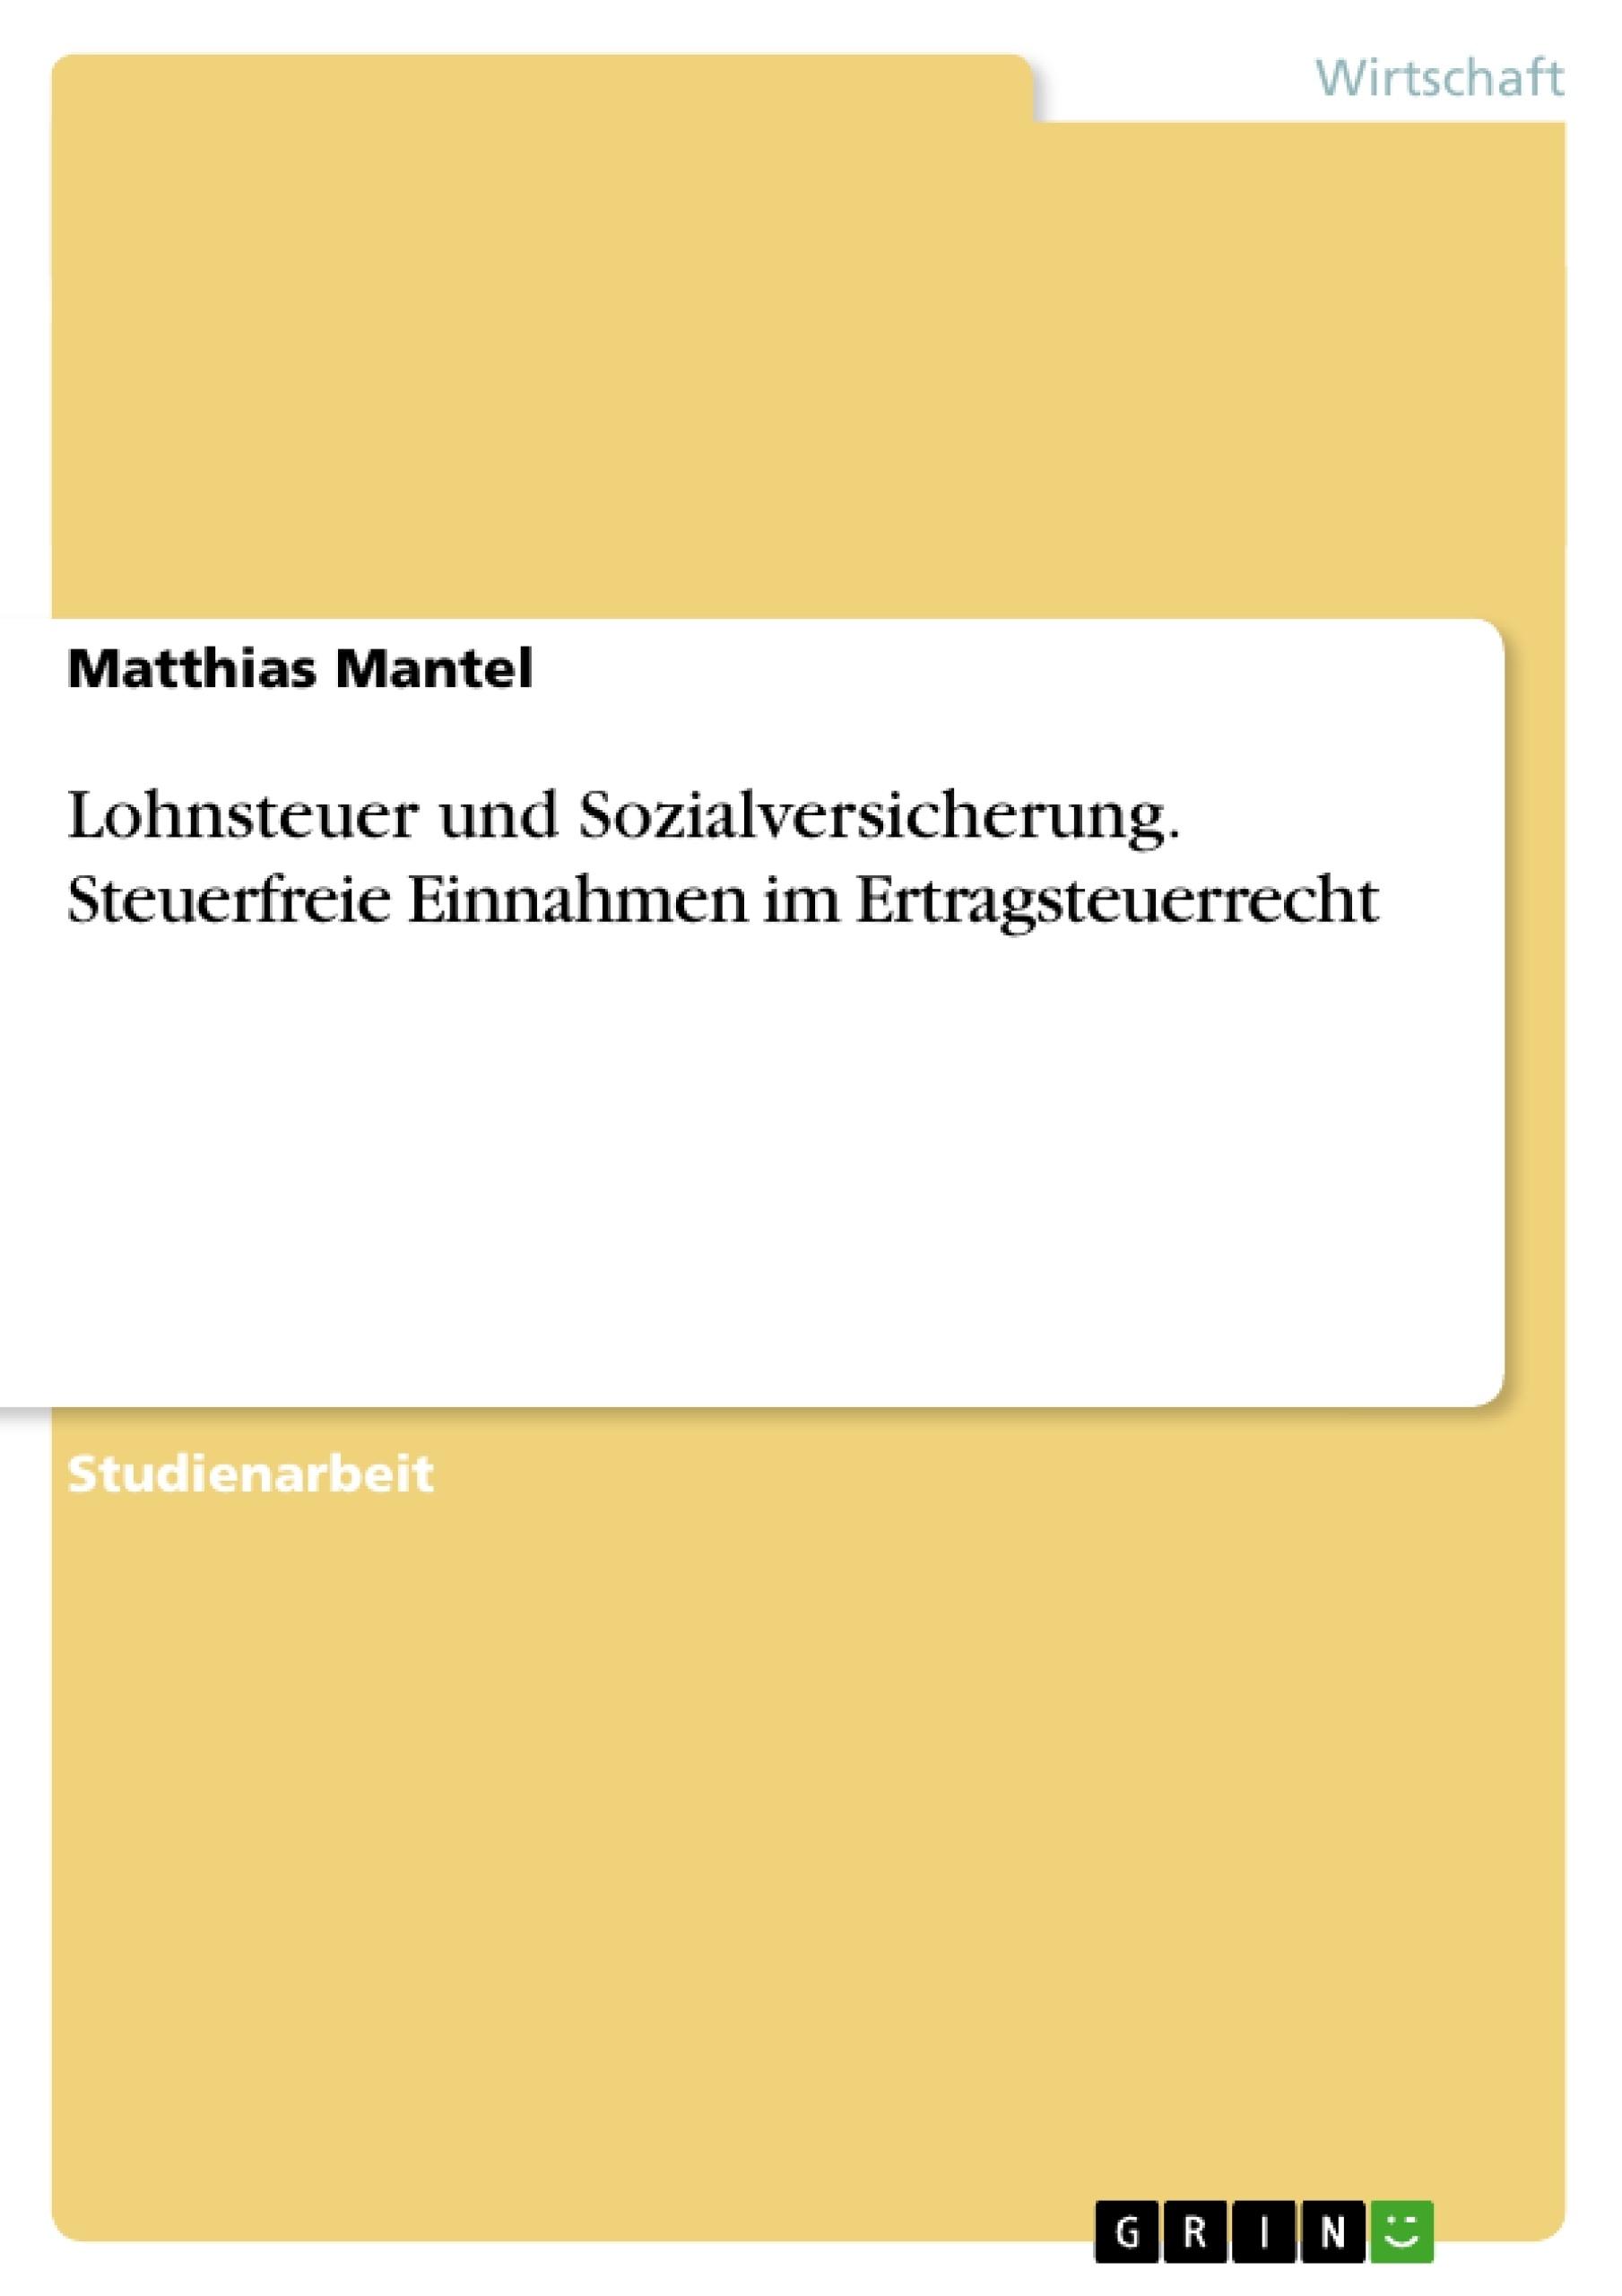 Titel: Lohnsteuer und Sozialversicherung. Steuerfreie Einnahmen im Ertragsteuerrecht